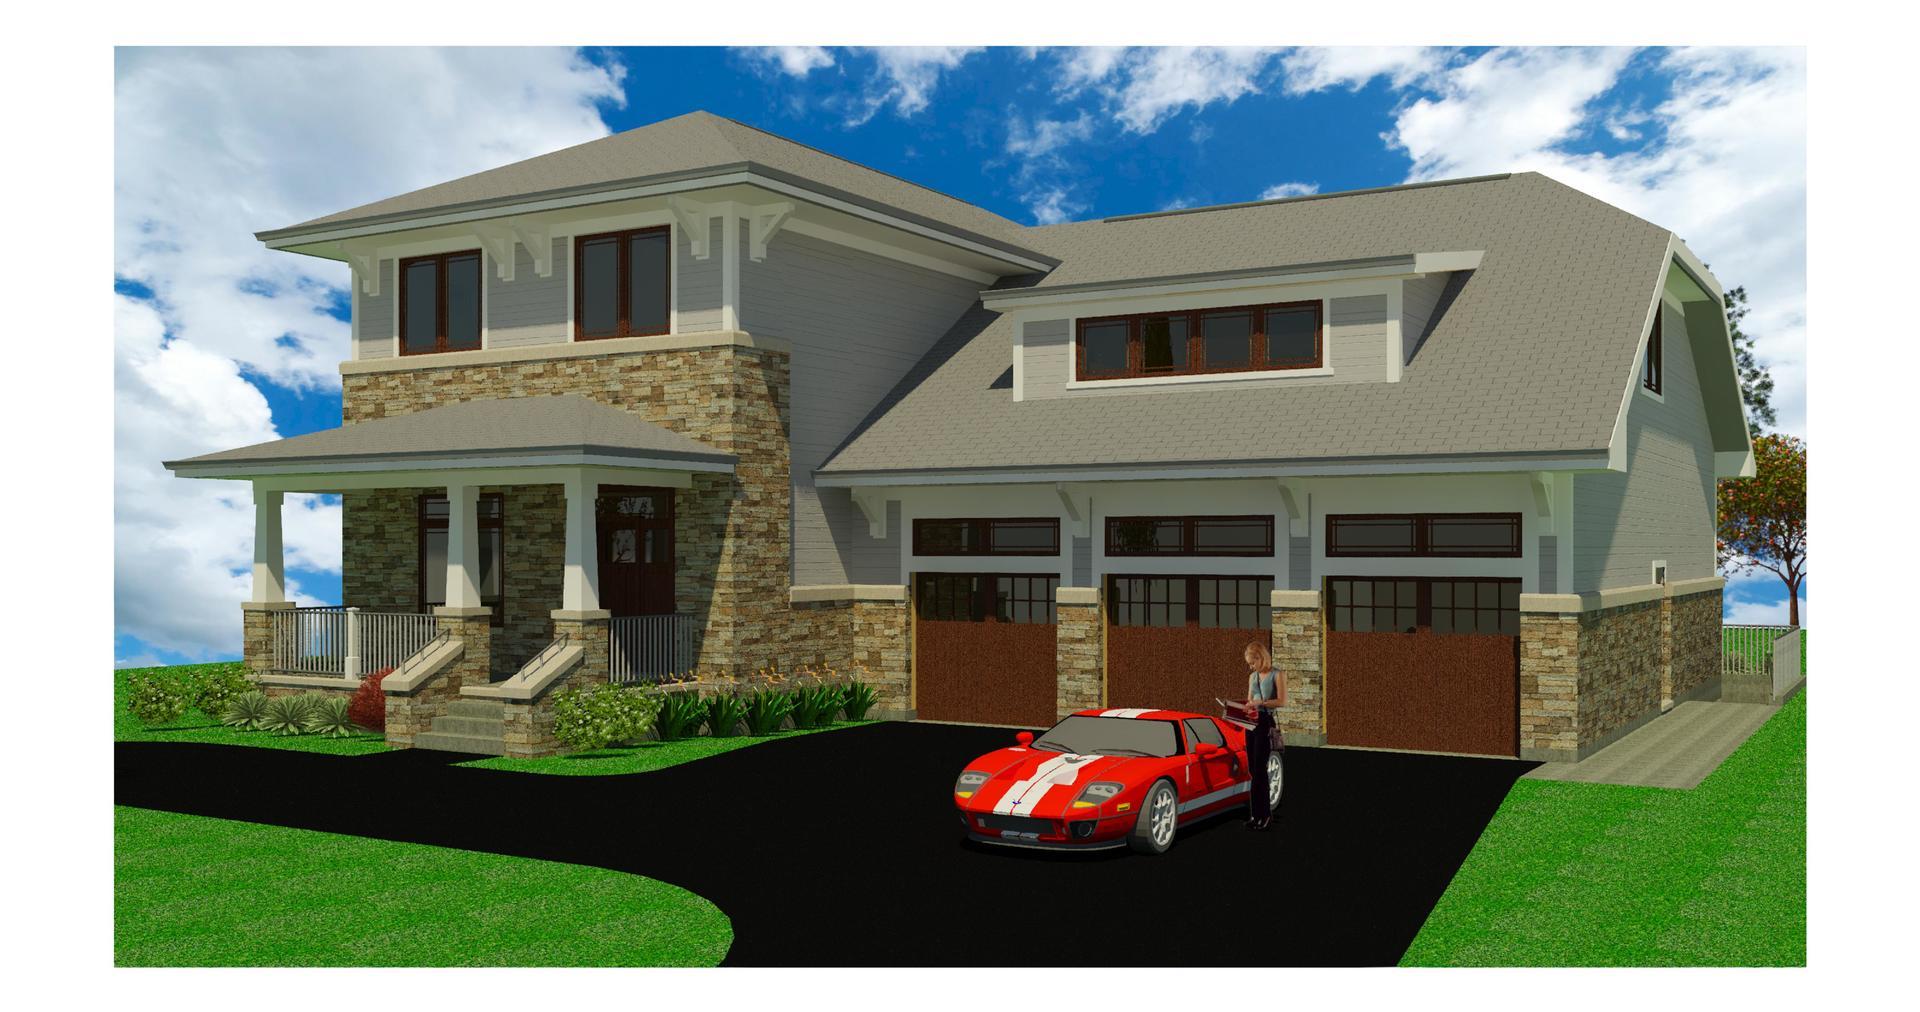 152 North Oak Street ELMHURST, IL 60126